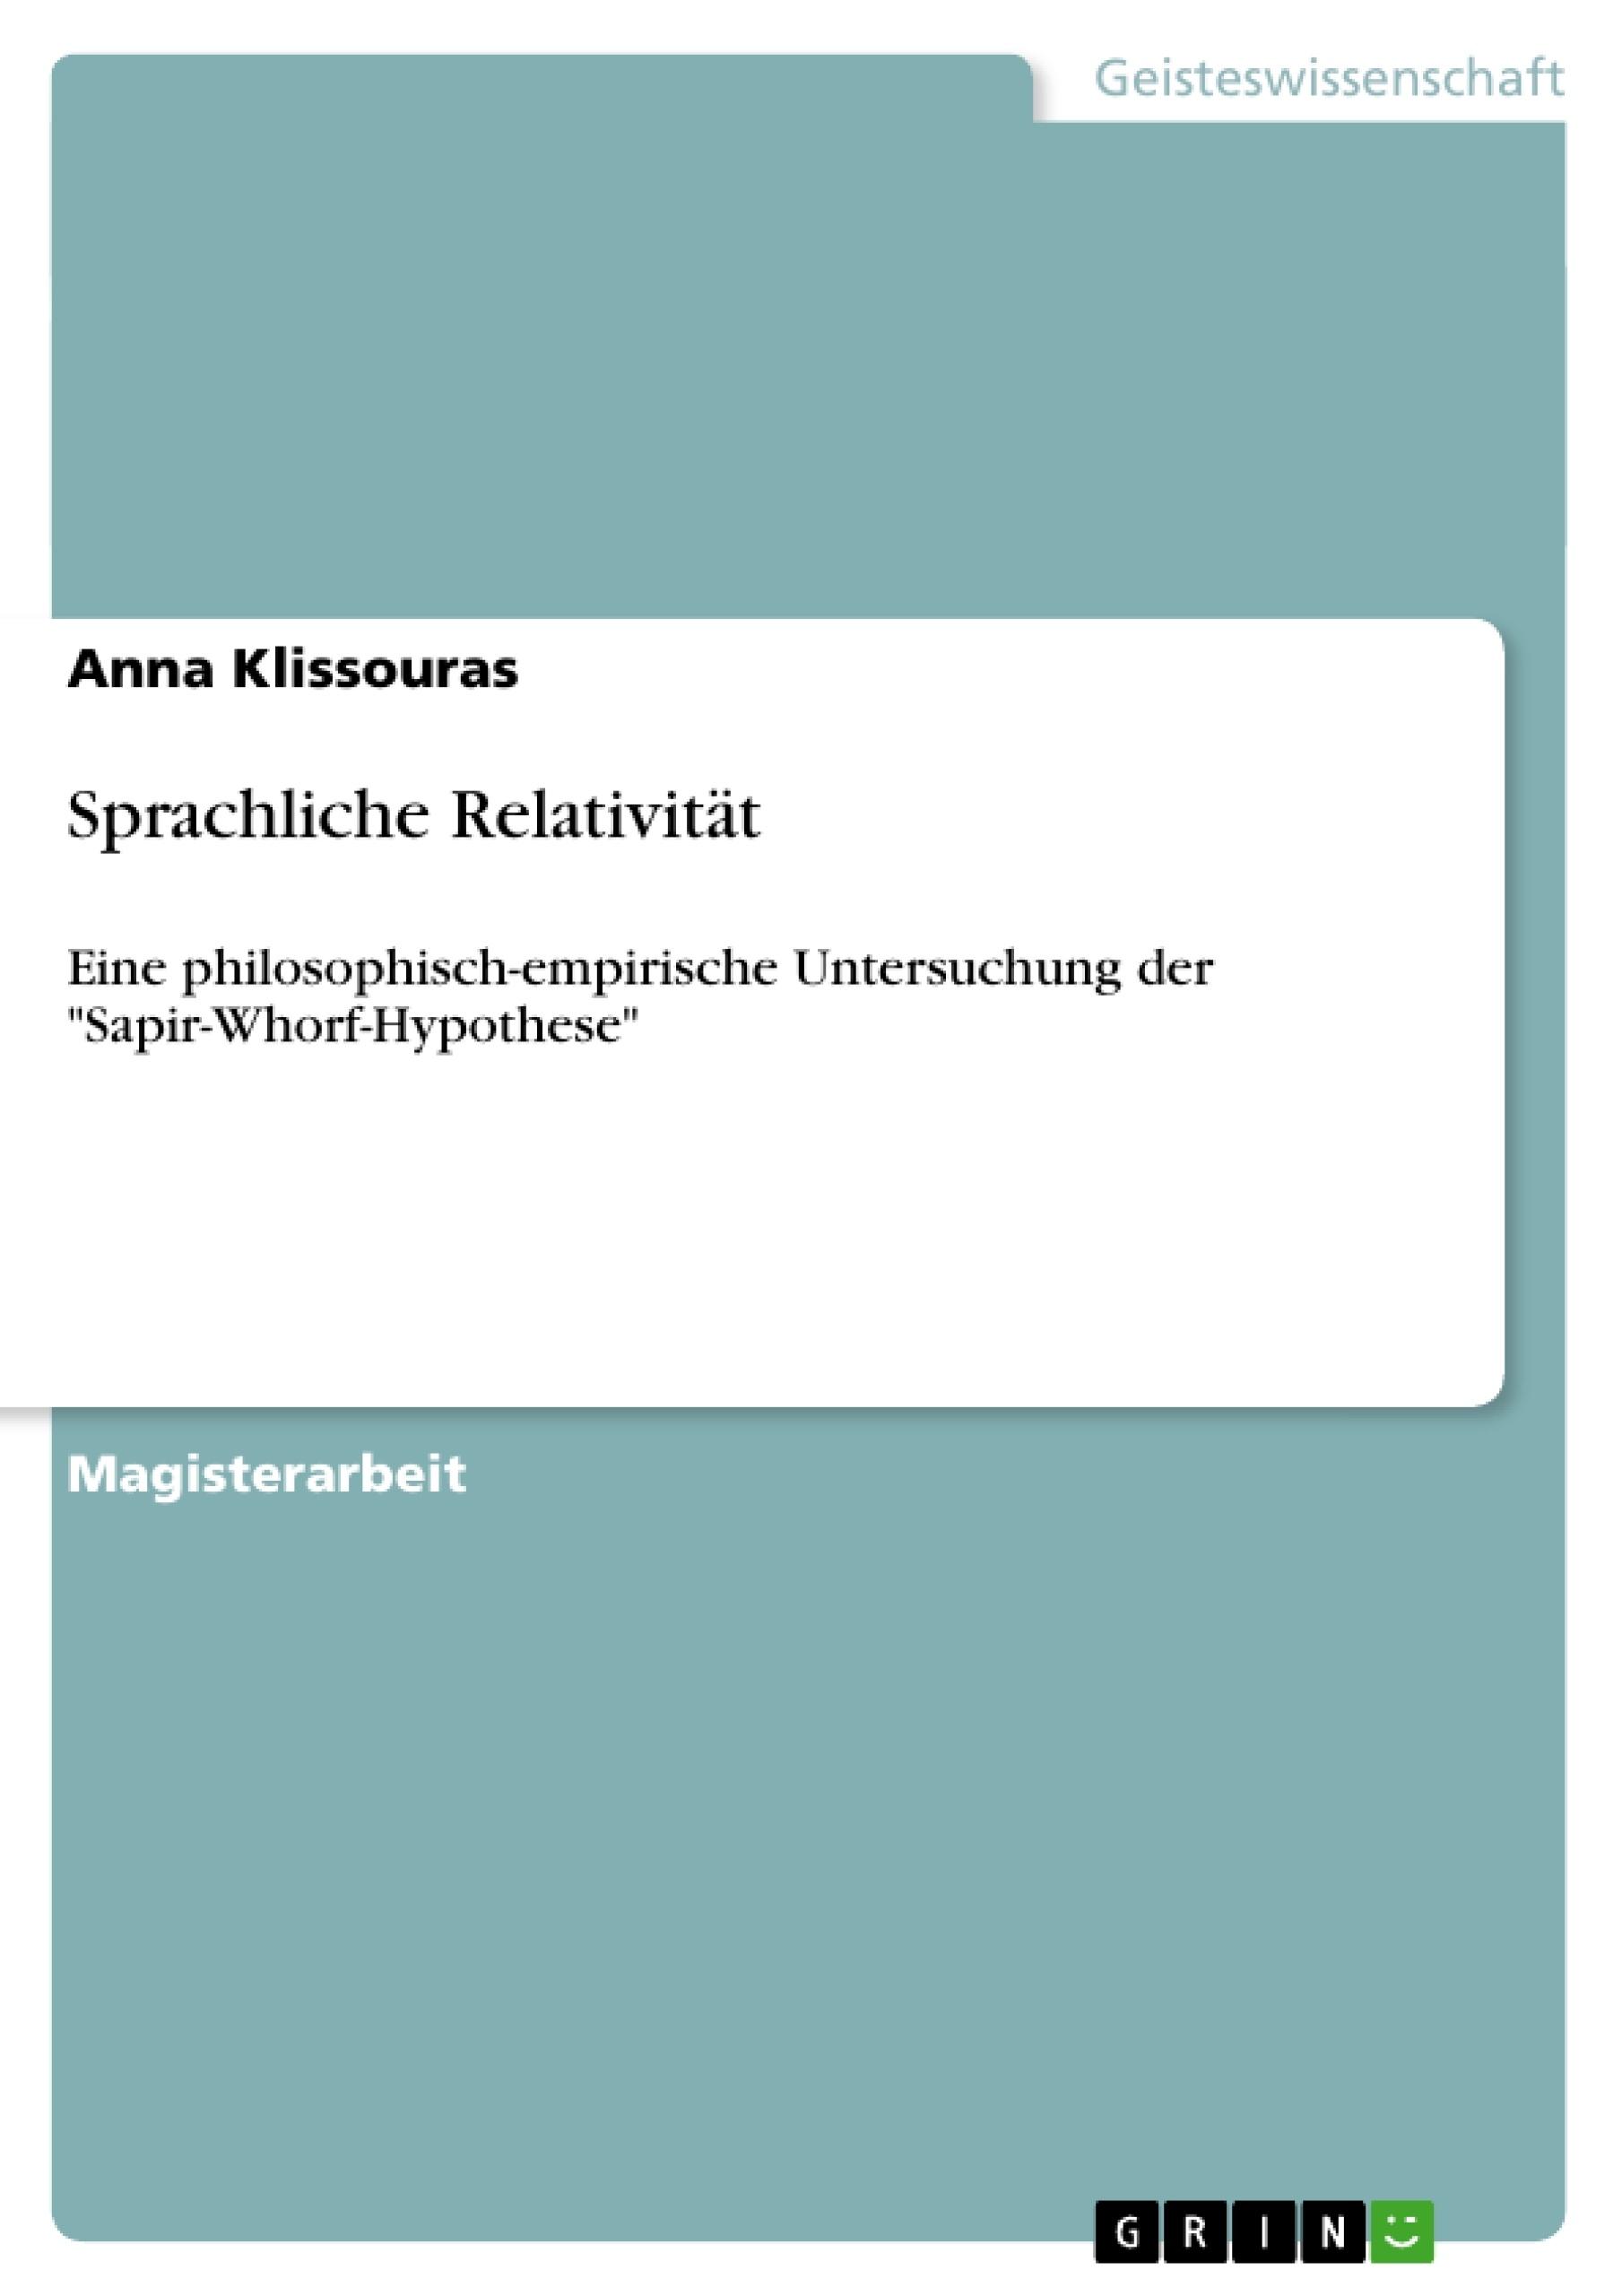 Titel: Sprachliche Relativität